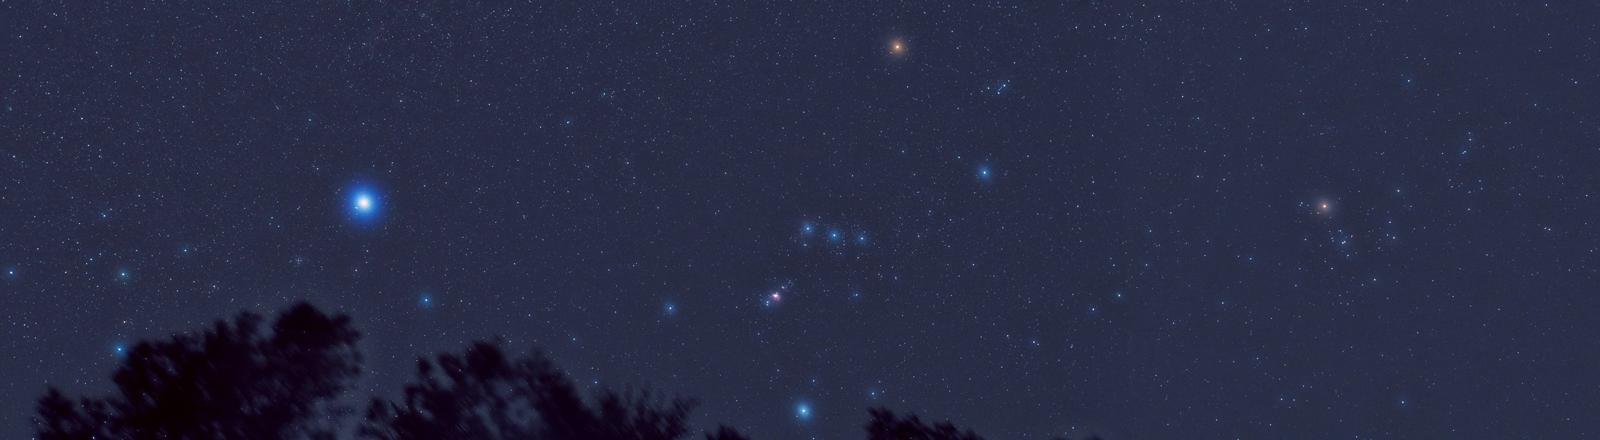 Das Sternbild Orion am Himmel - deutlich erkennbar darin wegen seiner gelblichen Färbung: der Stern Beteigeuze